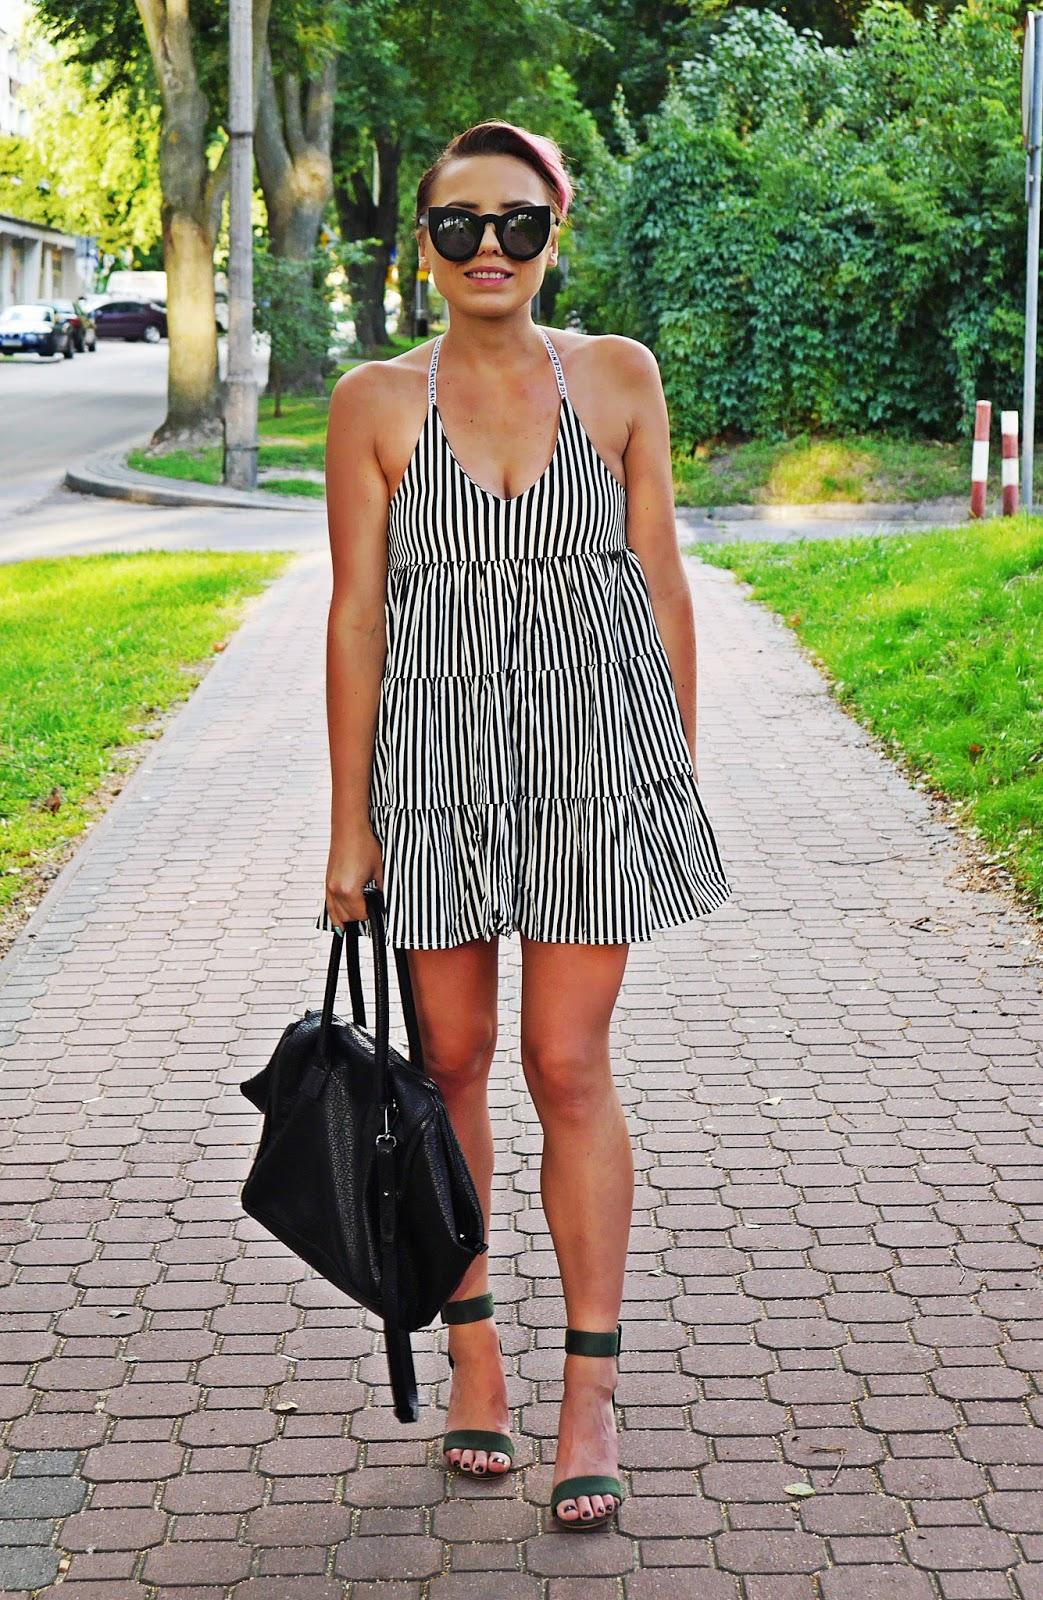 oversizowa_sukienka_w_pasy_zielone_sandaly_na_przezroczystym_slupku_karyn_blog_010817c